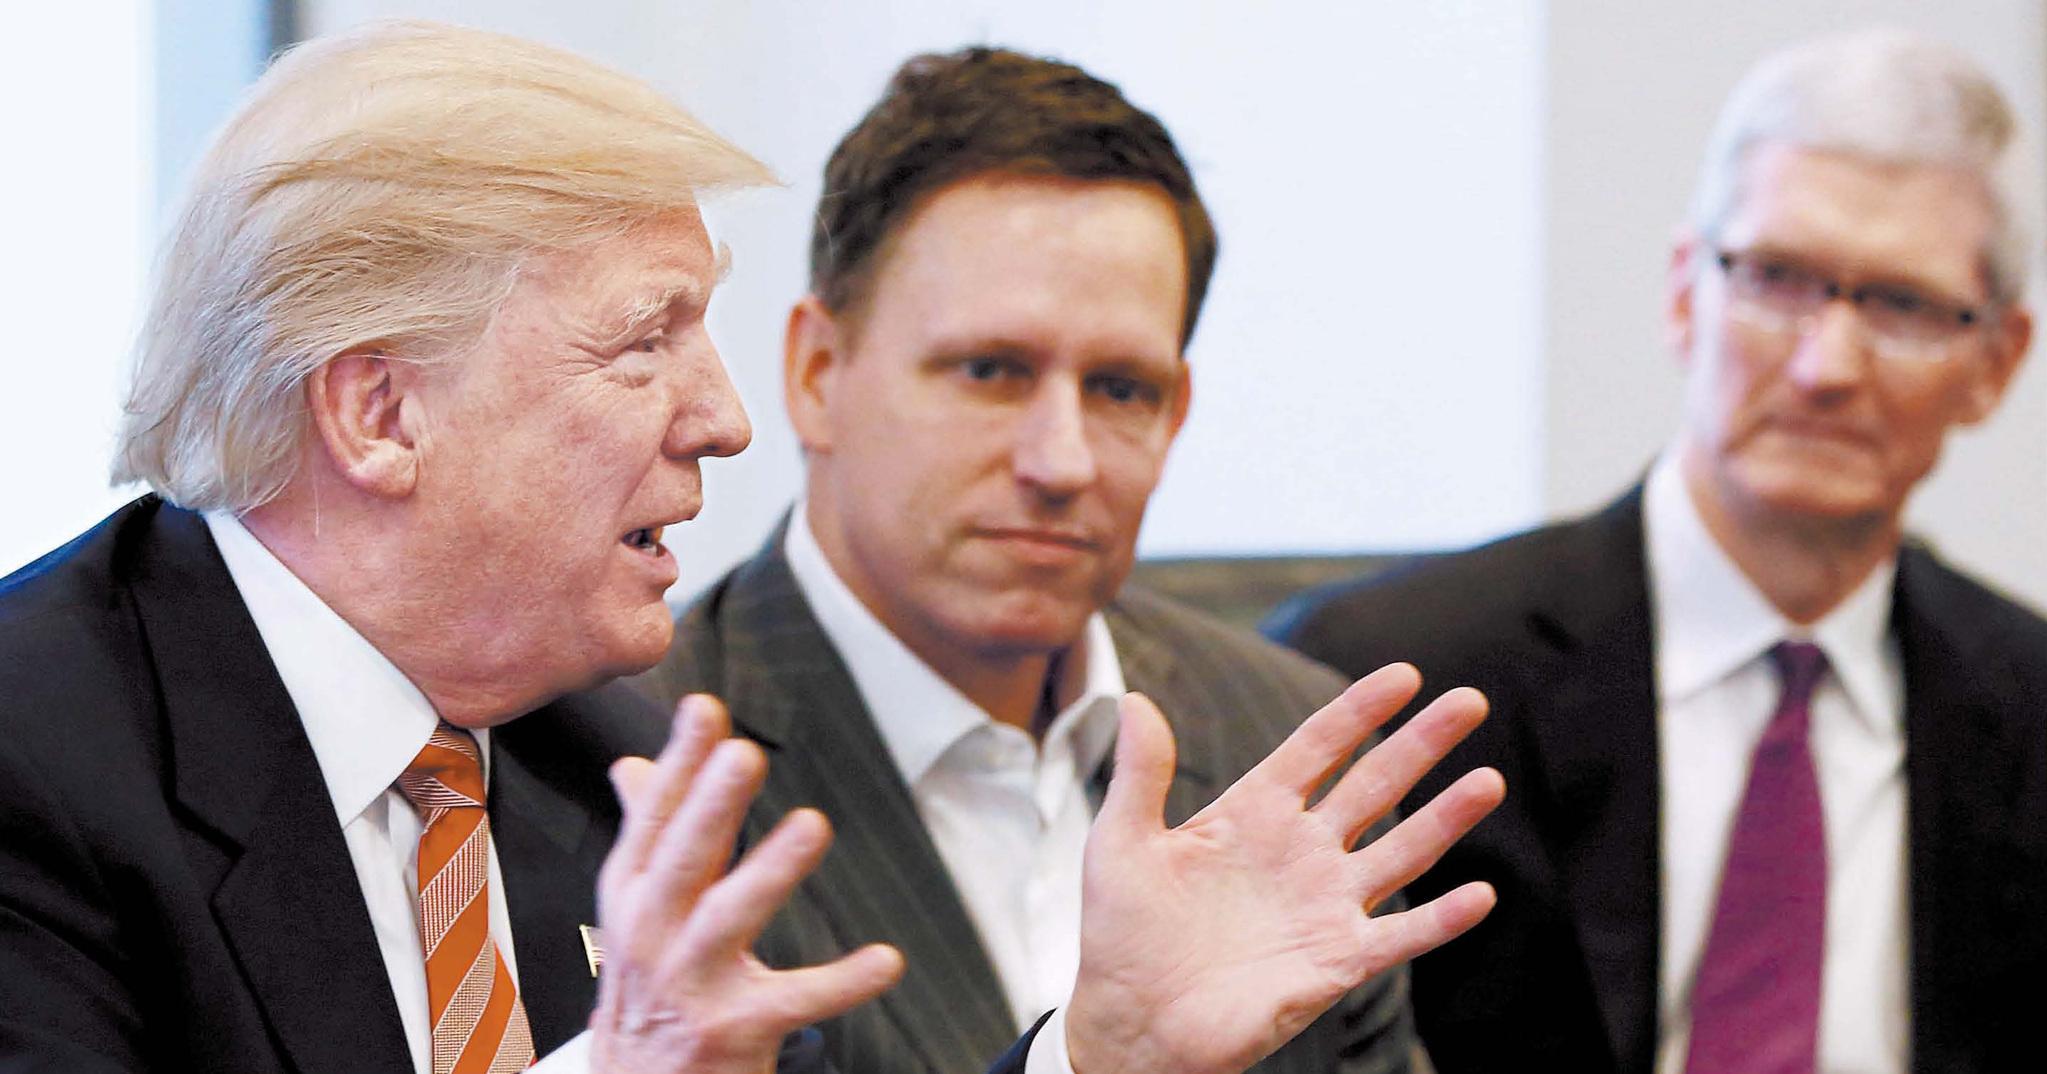 도널드 트럼프 미국 대통령(왼쪽)이 지난해 12월 열린 '테크서밋'에서 피터 틸 페이팔 공동창업자(가운데), 팀 쿡 애플 CEO와 대화하고 있다. [로이터=뉴스1]